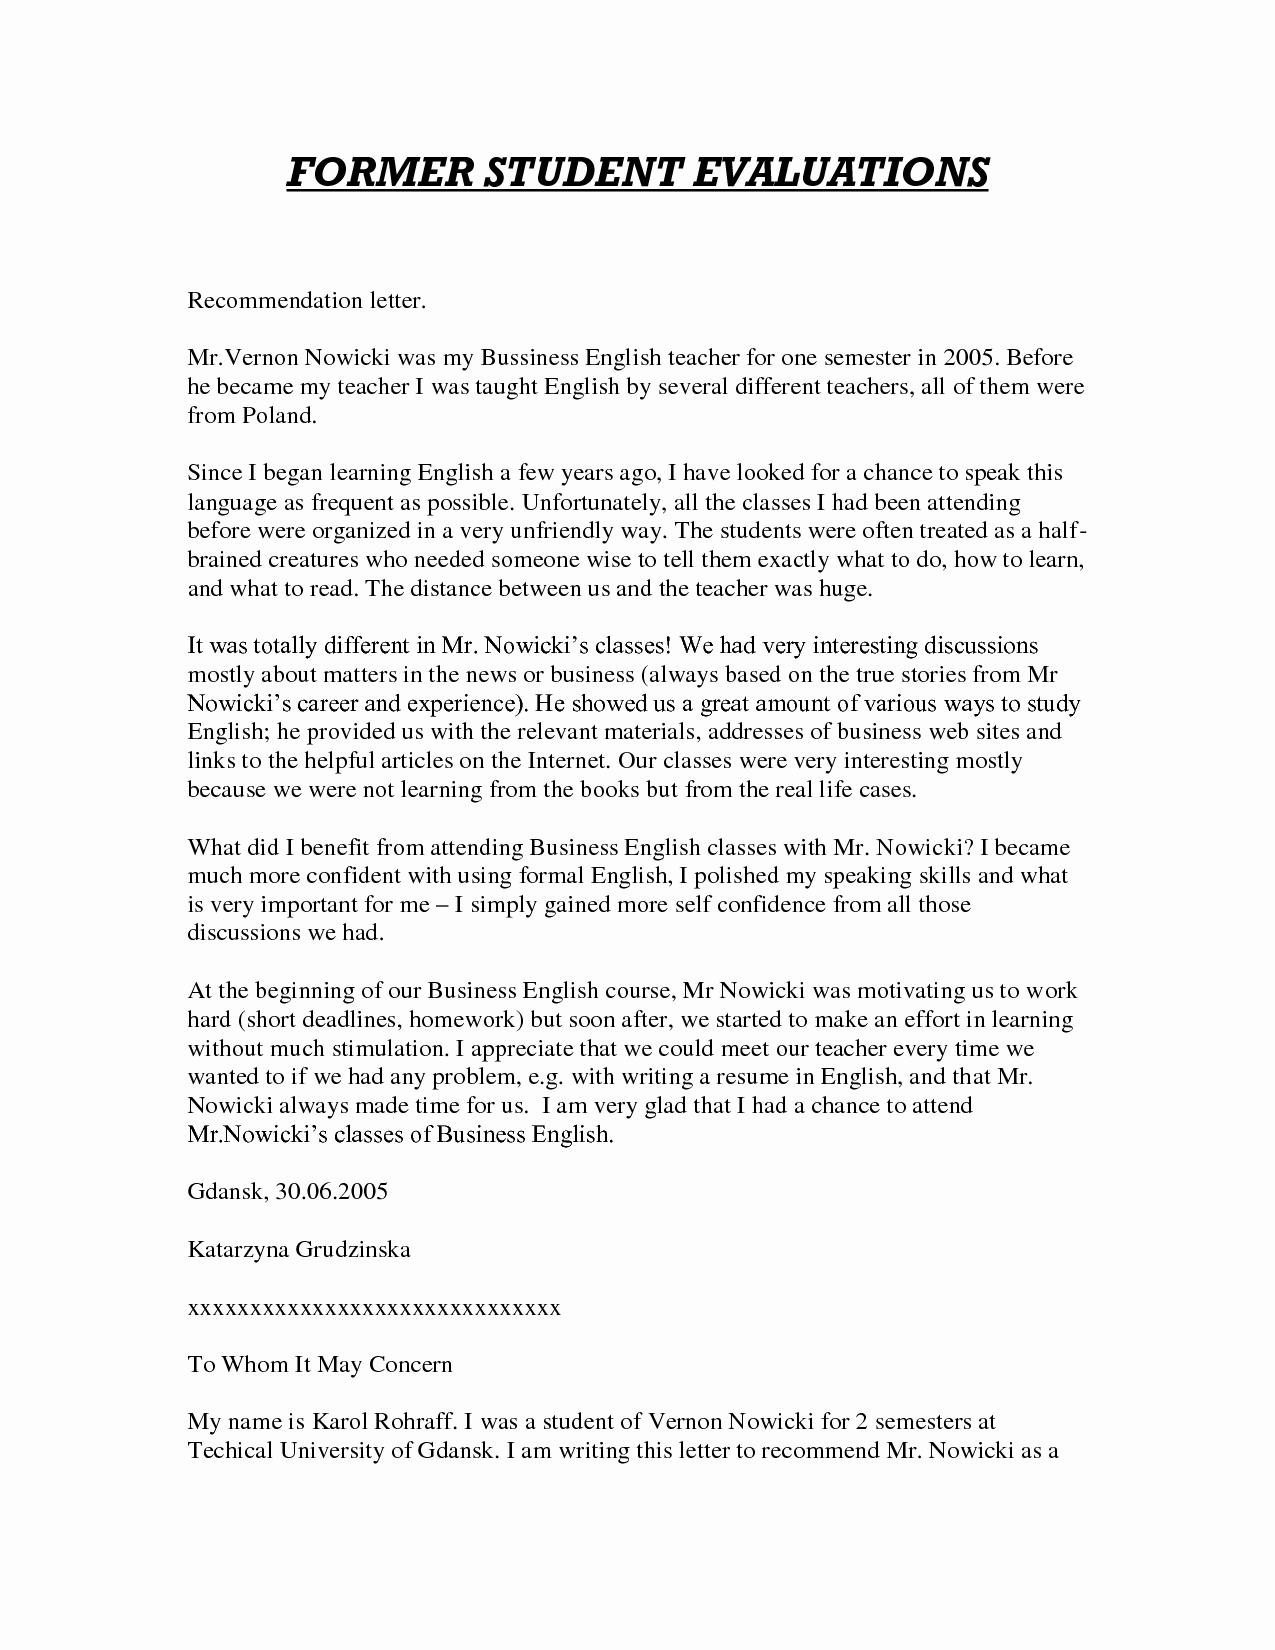 Teaching Letter Of Recommendation Lovely Sample Letter Of Re Mendation for Teacher